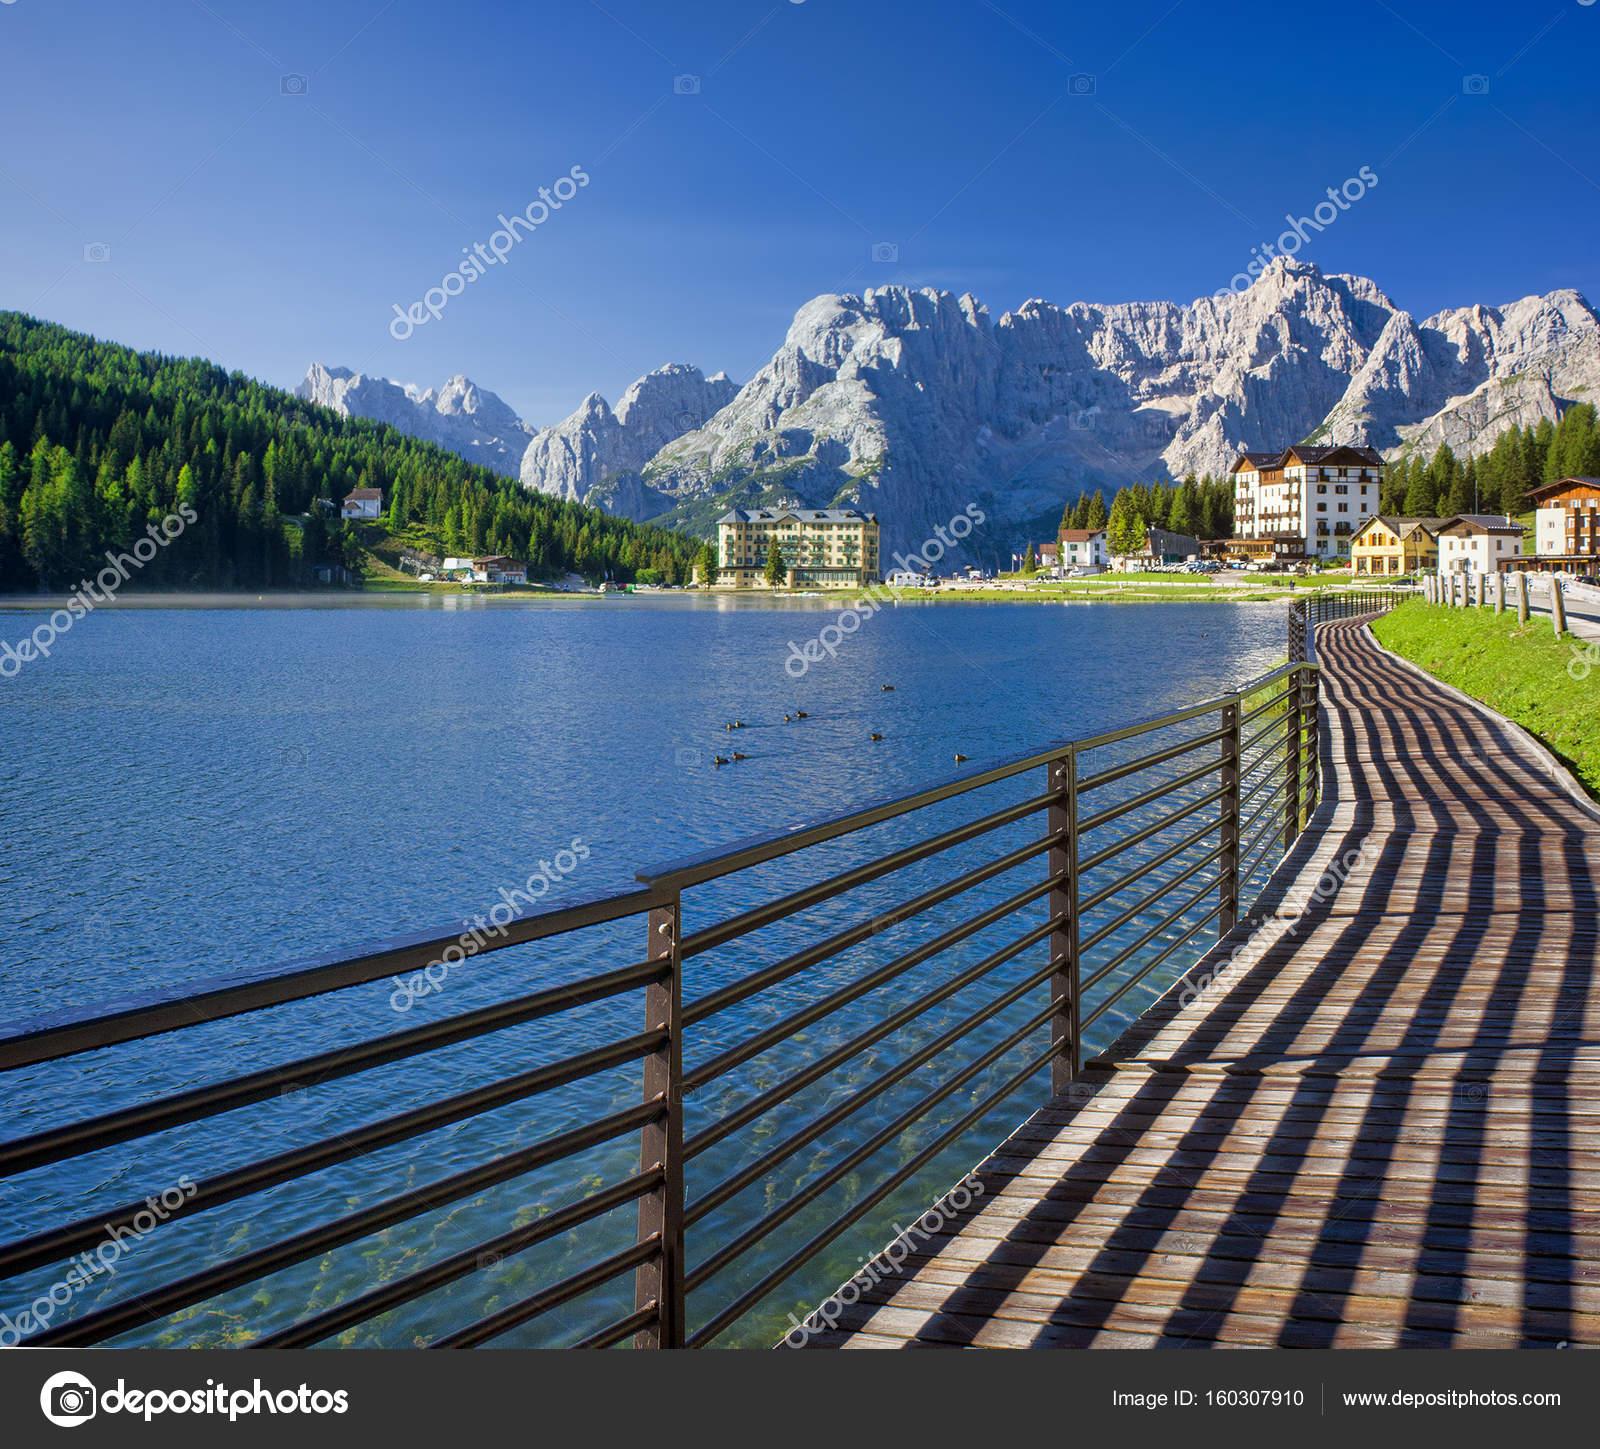 Lago di misurina in italia foto stock johny007pandp for Bagno a ripoli dove si trova